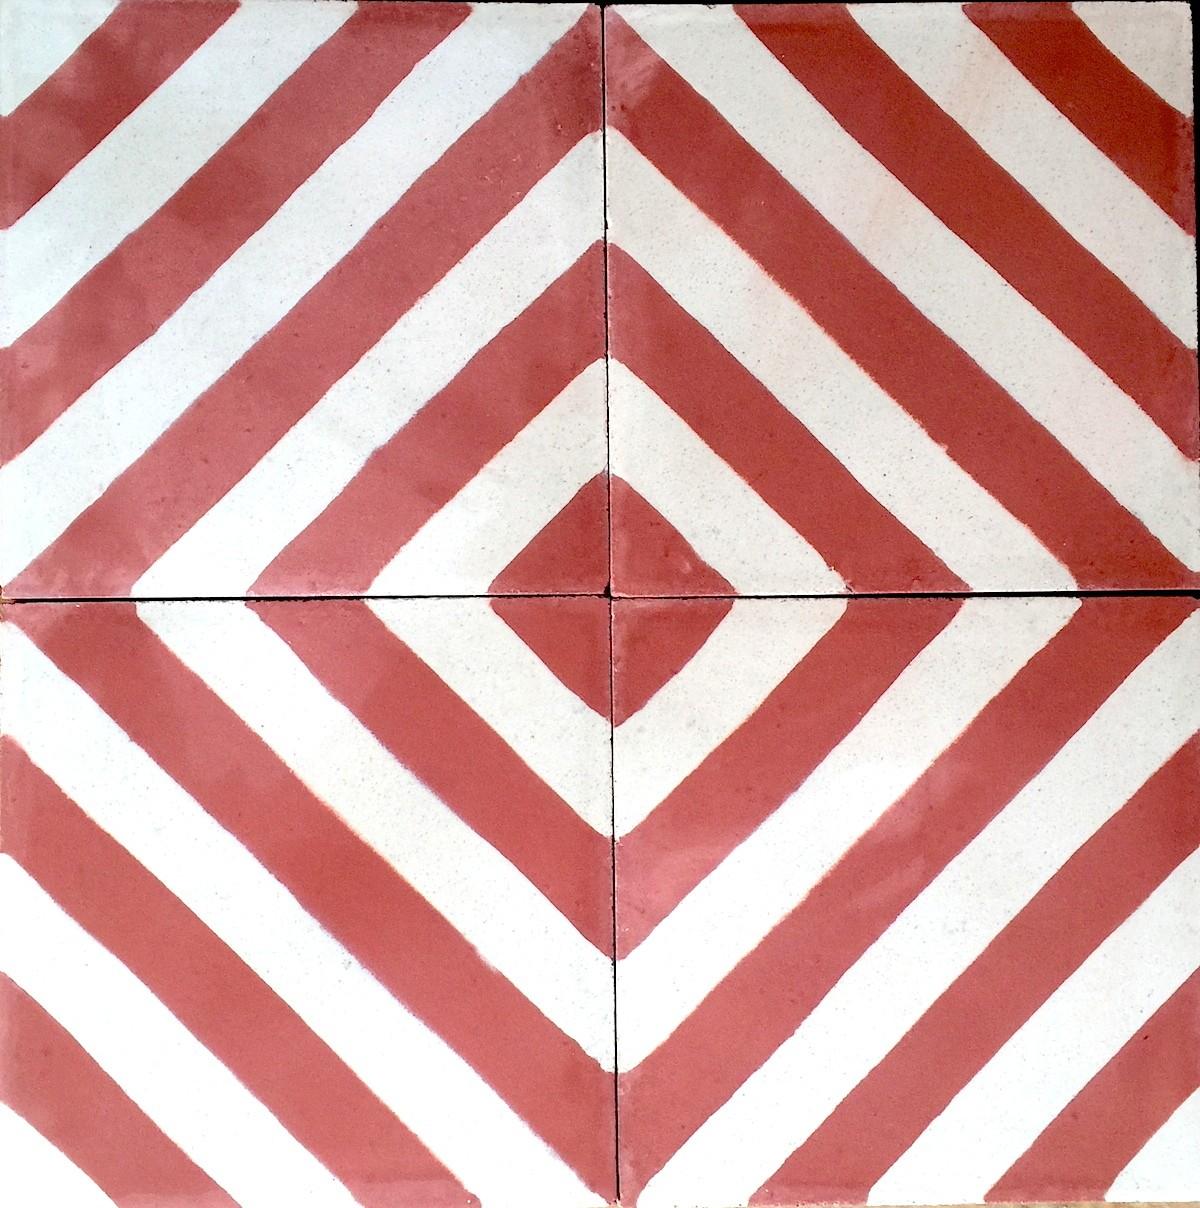 cement tiles 1sqm model chevron rouge carrelage mosaique